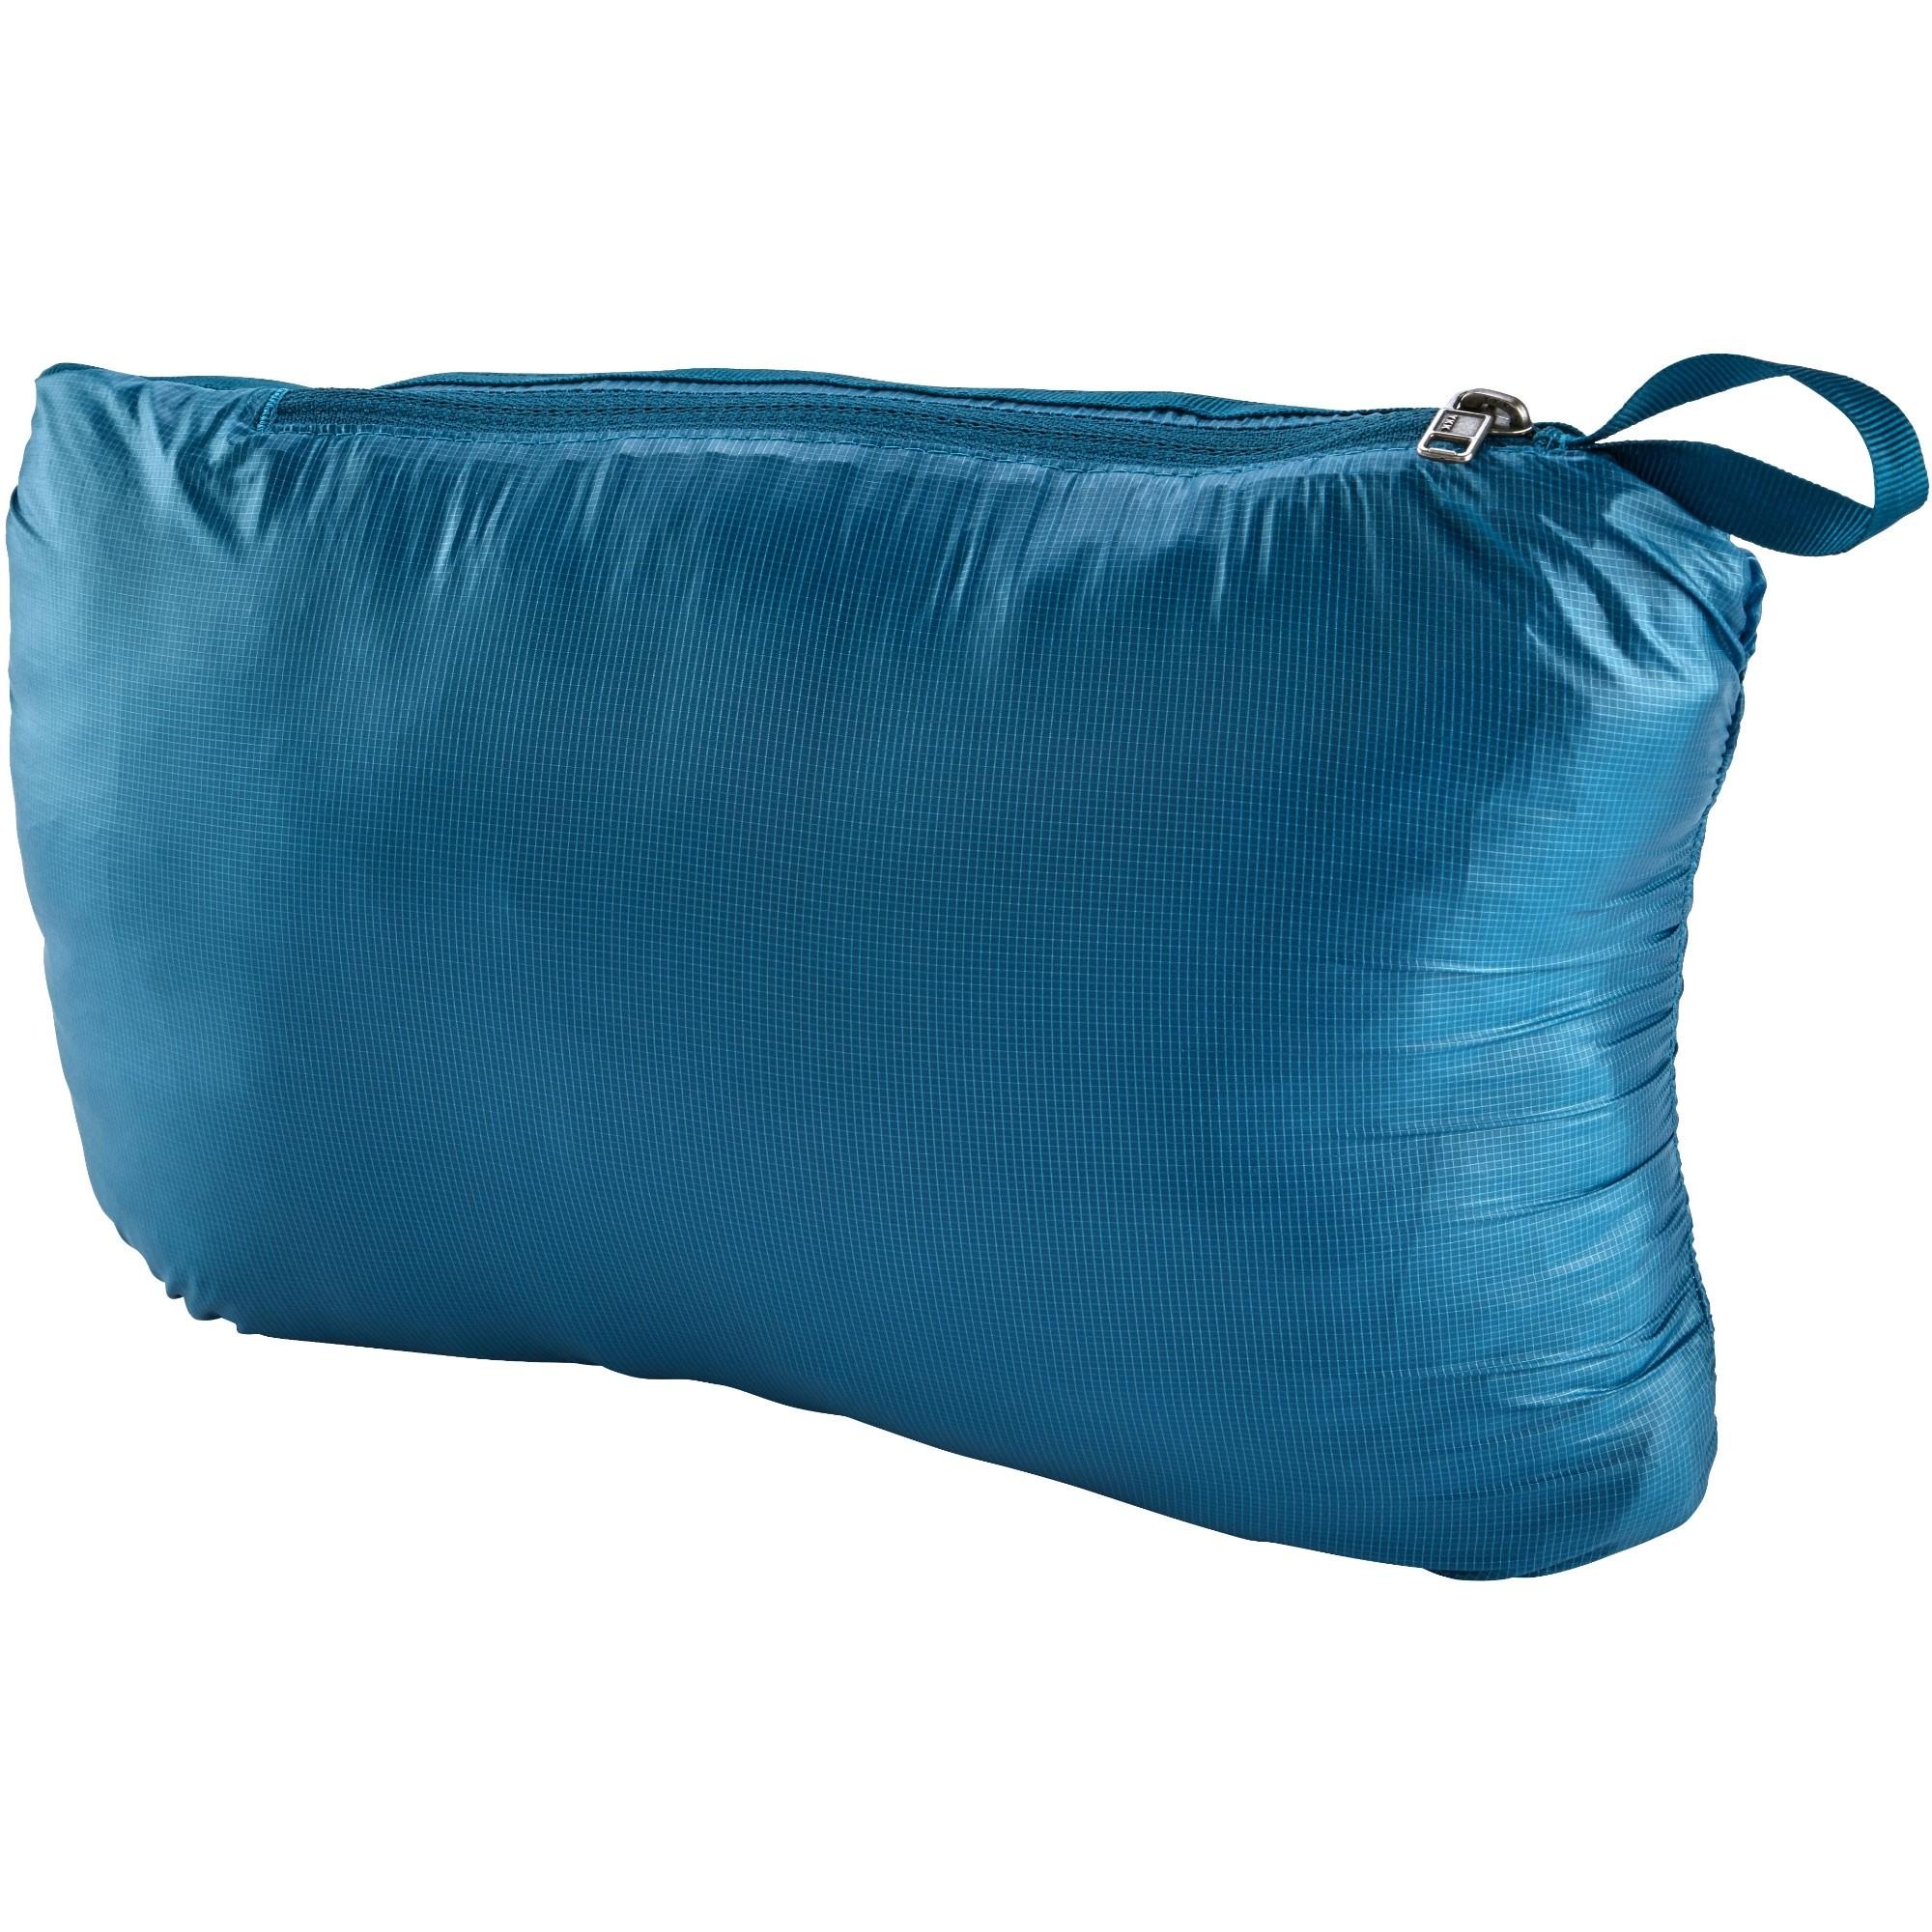 Patagonia Micro-Puff Hoody - Balkan Blue - stuff sack